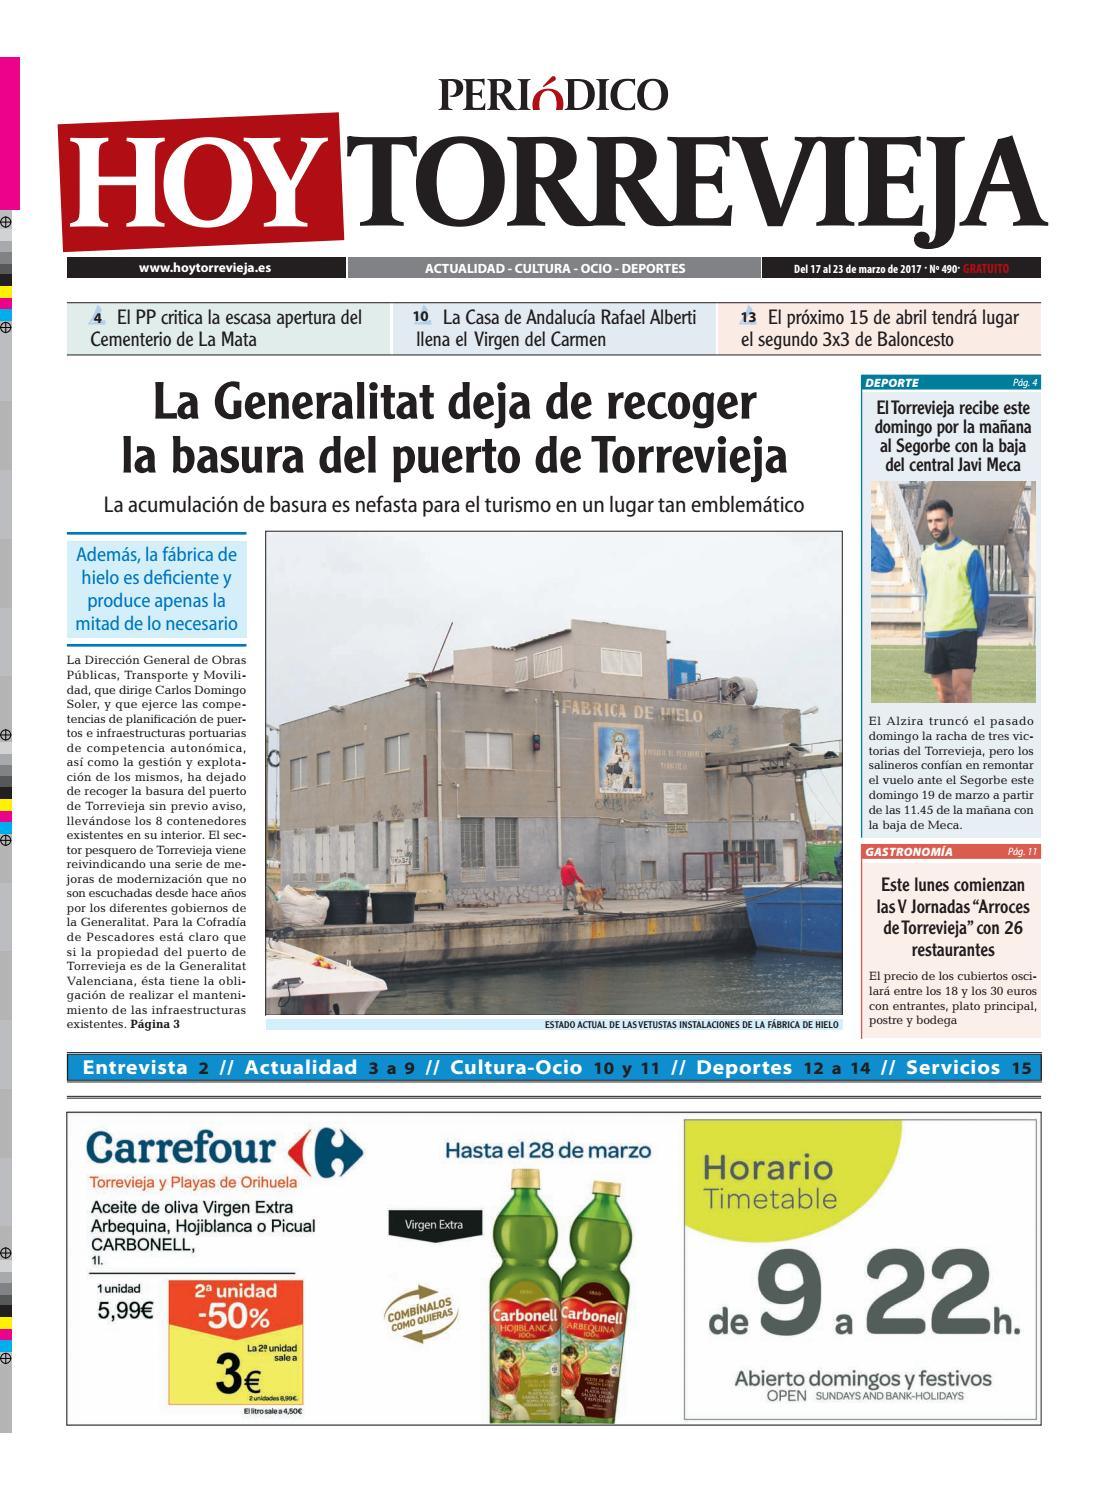 Periódico HOY TORREVIEJA 17/3/17 nº 490 by Periódico HOY TORREVIEJA ...